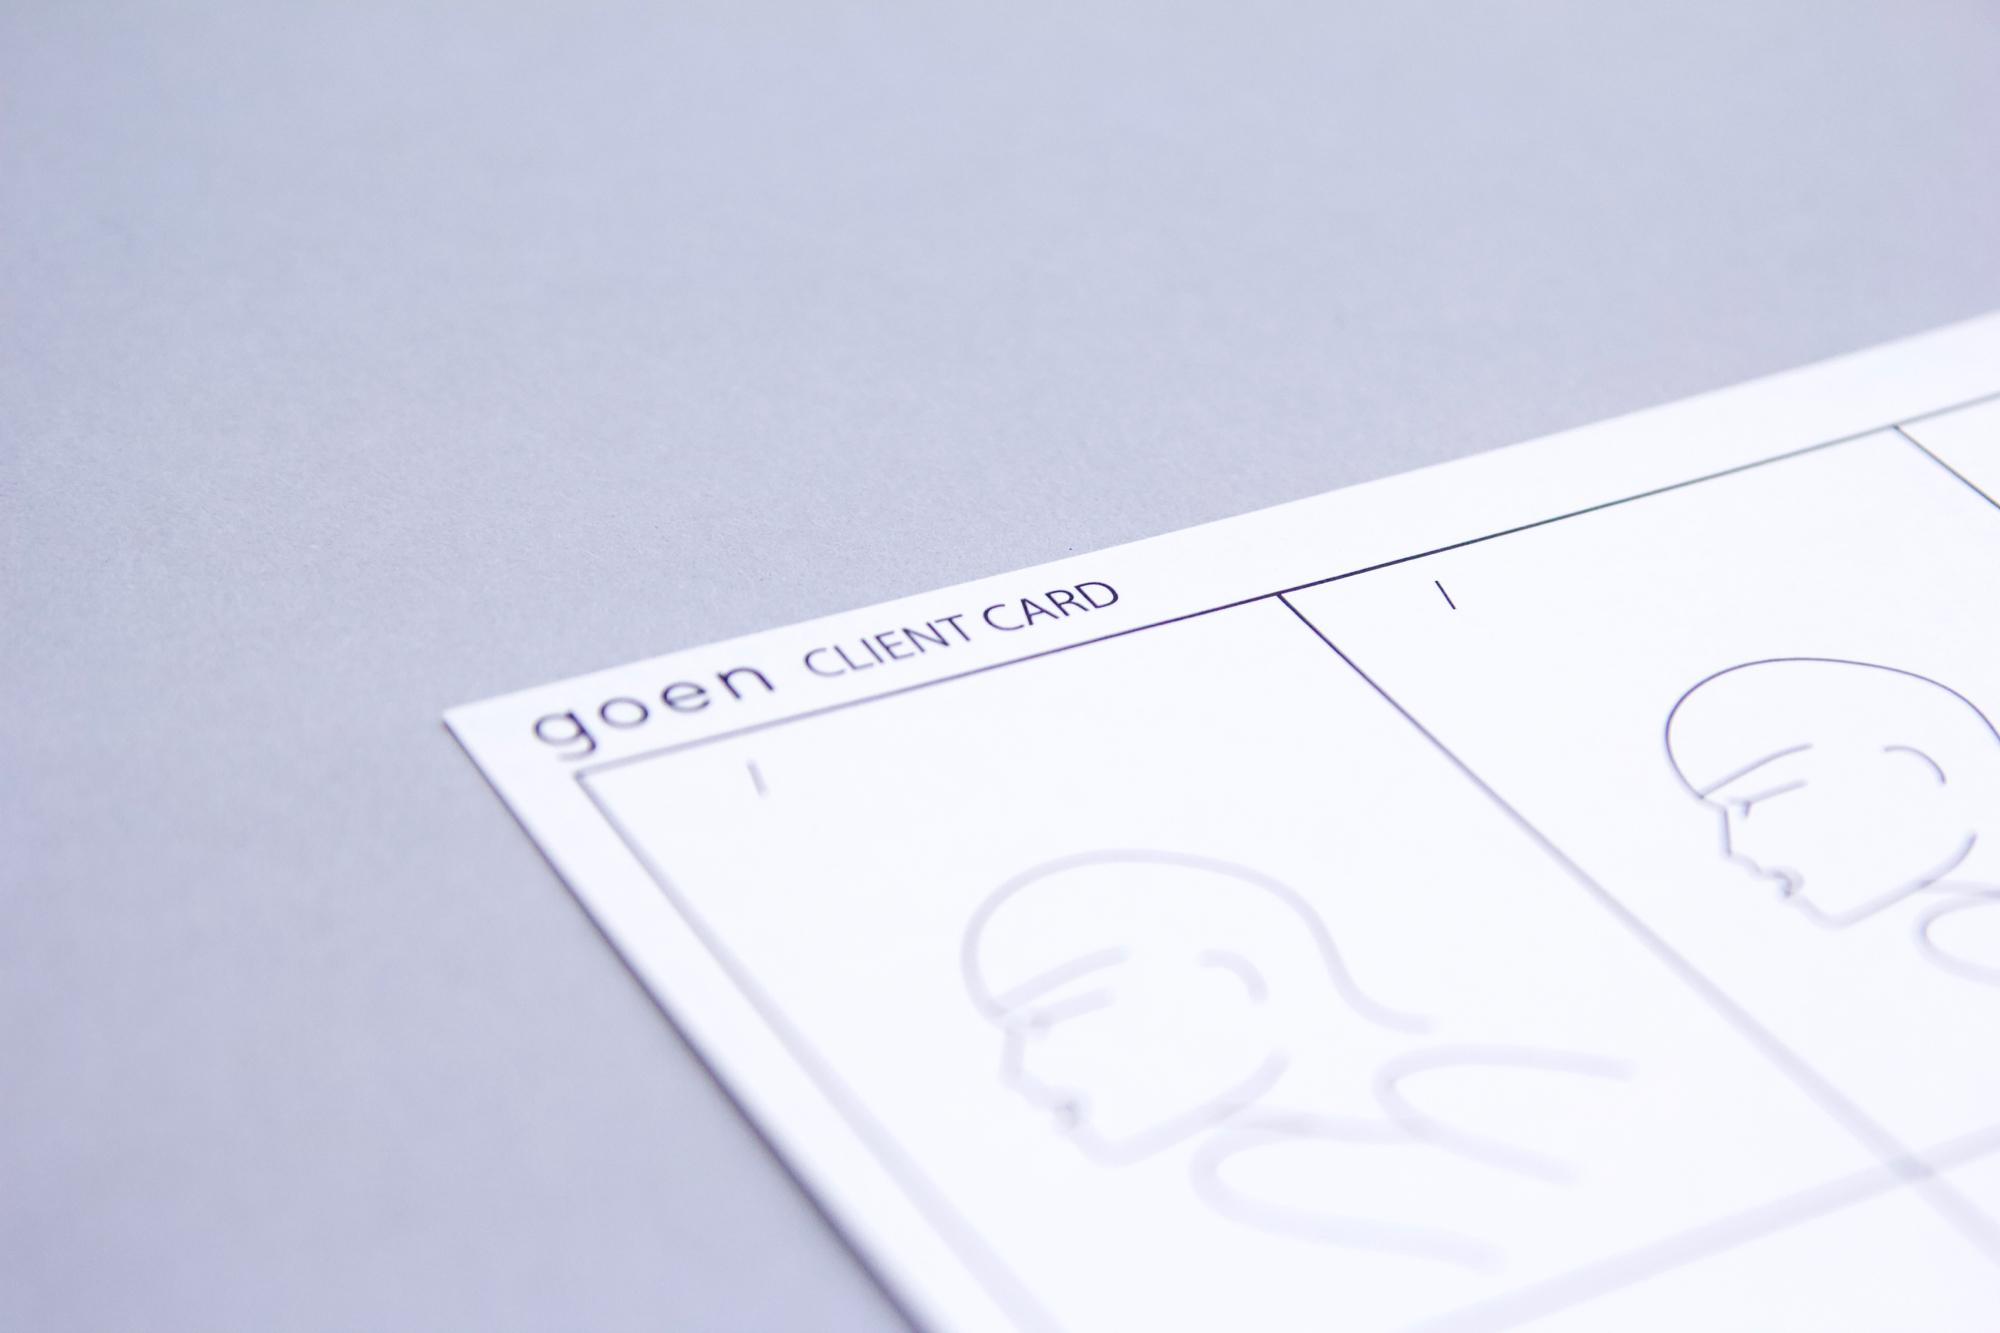 ヘアーサロン ツールデザイン |オープンDM &クライアントカード|オープンDM &クライアントカード